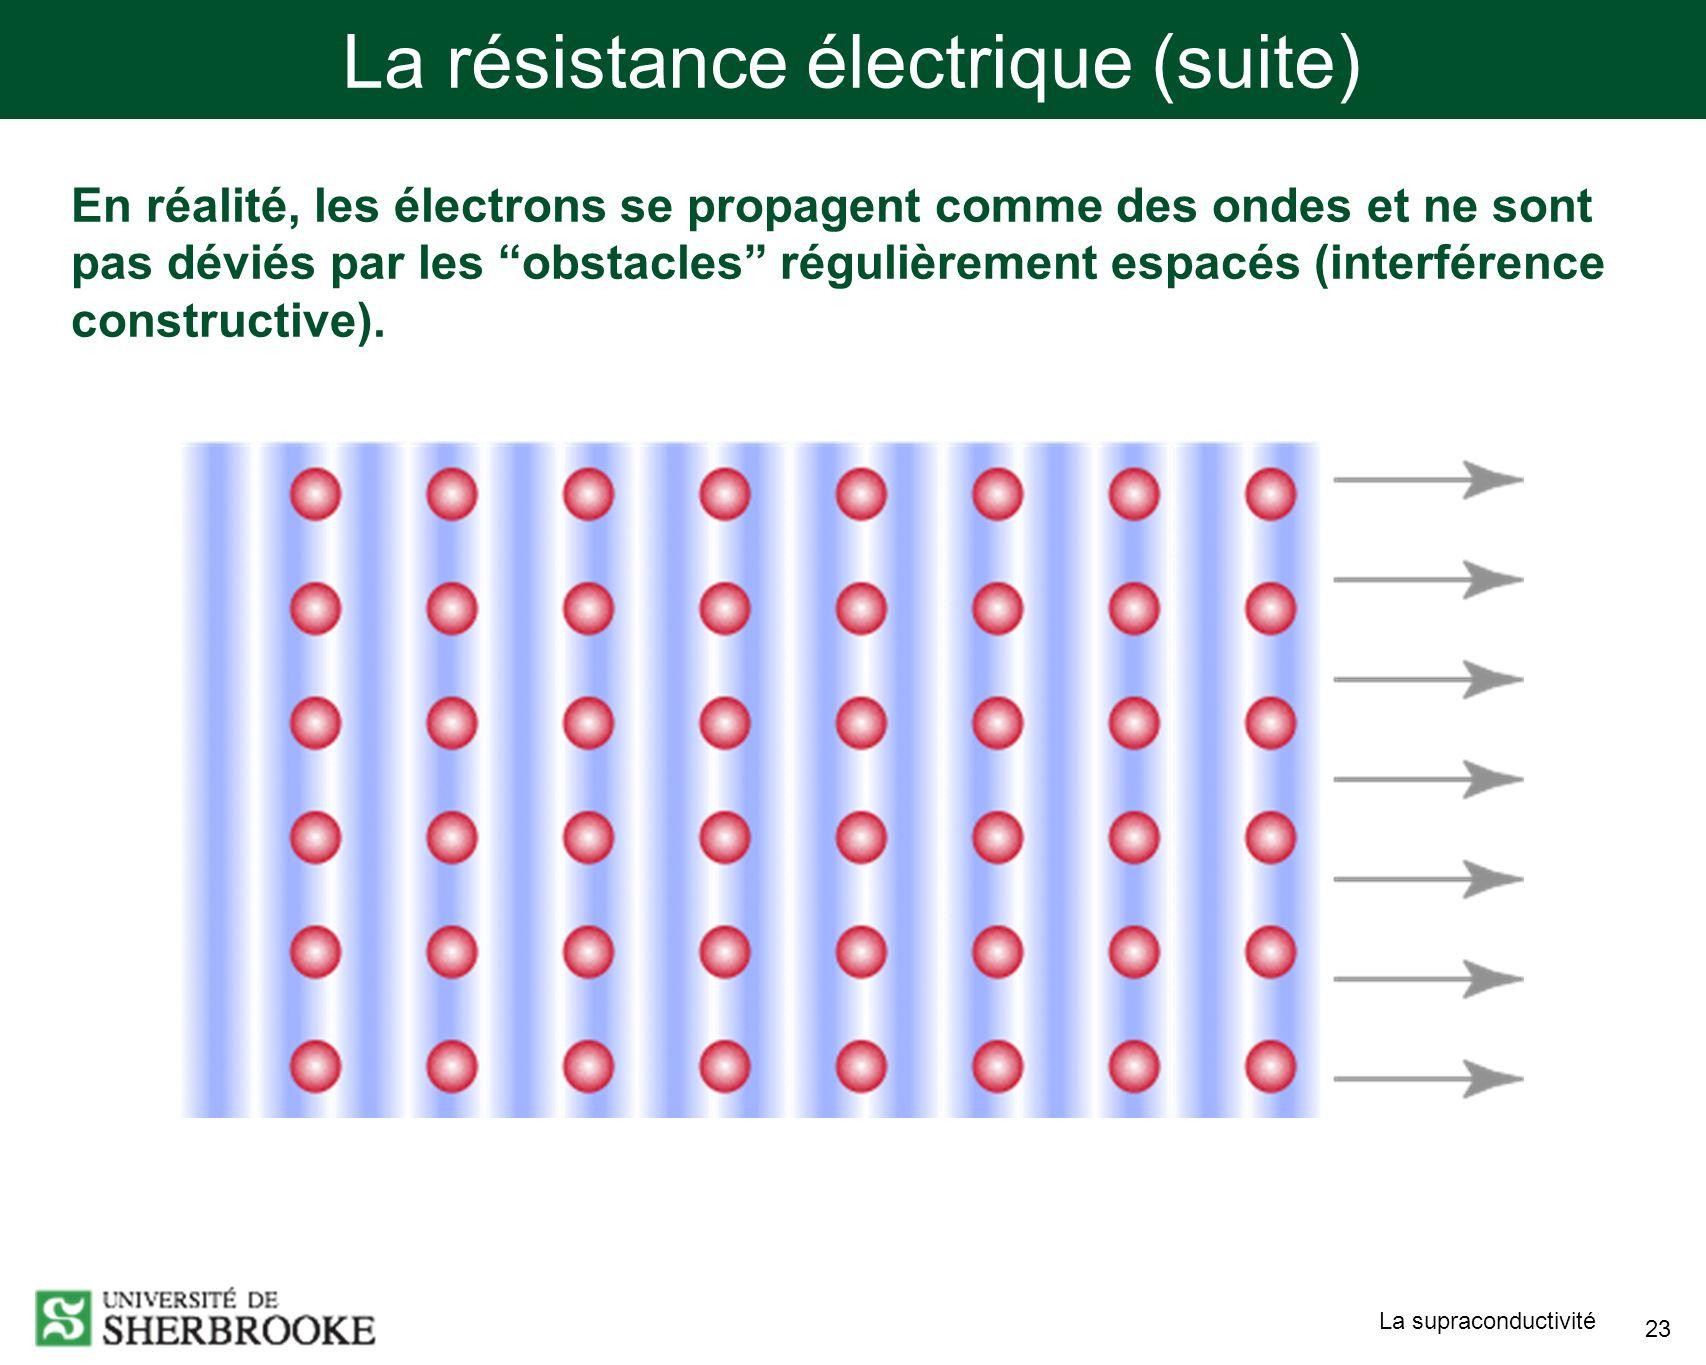 La supraconductivité 23 La résistance électrique (suite) En réalité, les électrons se propagent comme des ondes et ne sont pas déviés par les obstacles régulièrement espacés (interférence constructive).